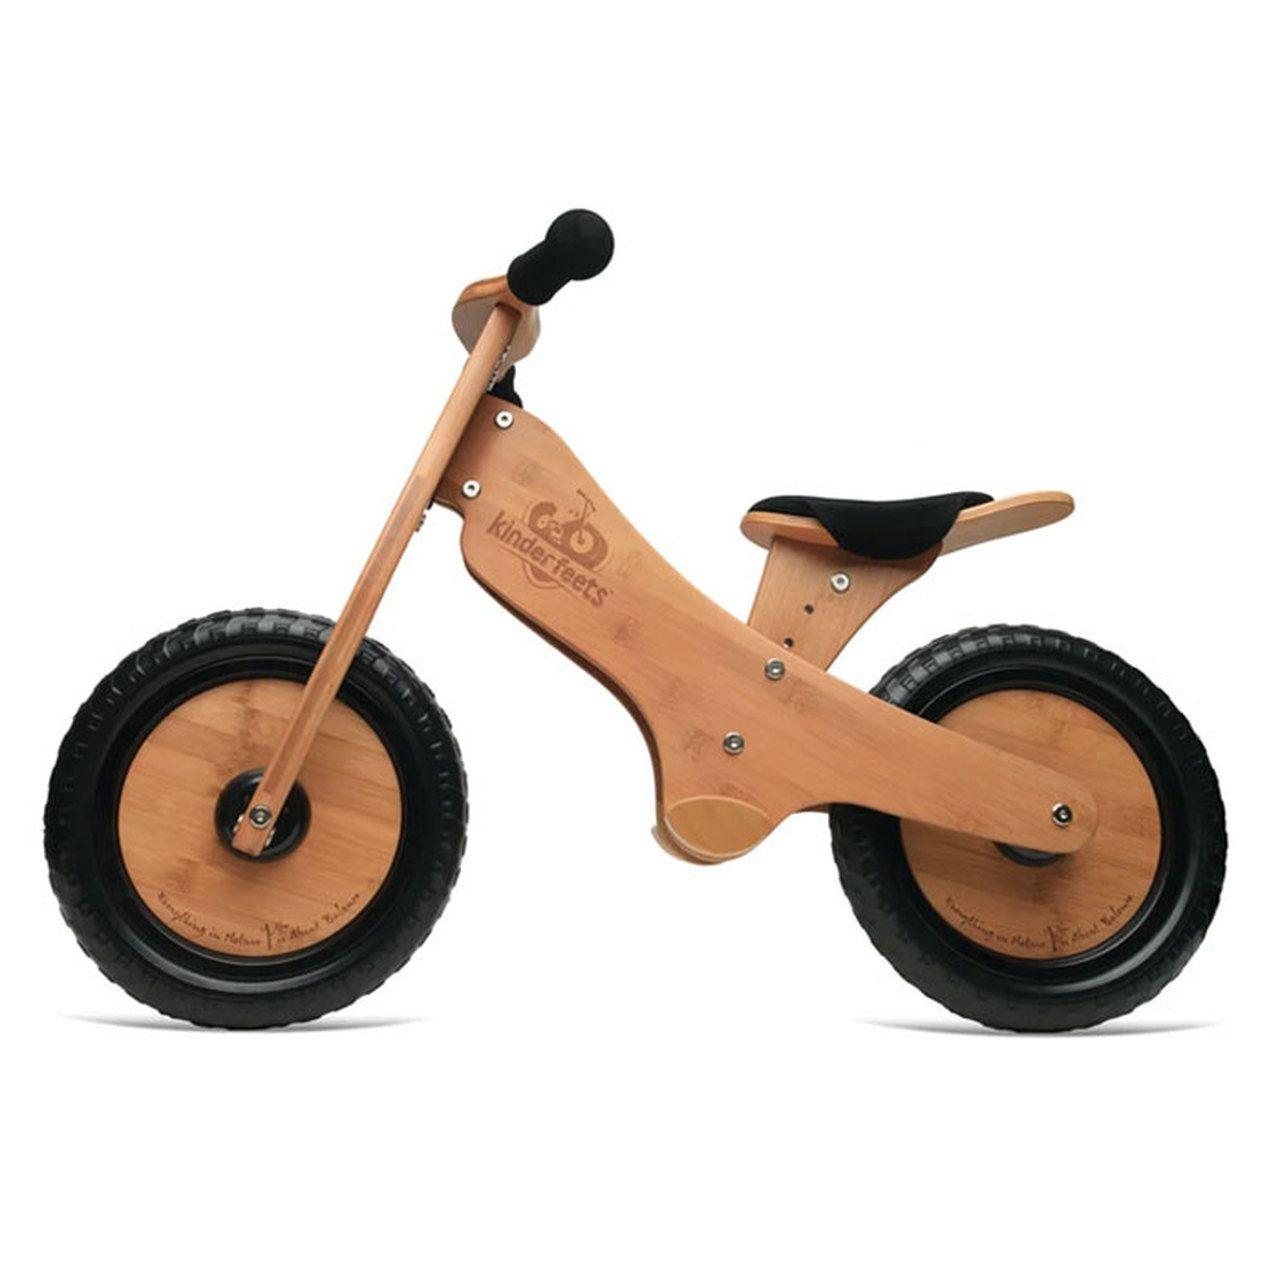 Kinderfeets Balance Bike Bamboo Wooden Balance Bike Balance Bike Kids Bicycle